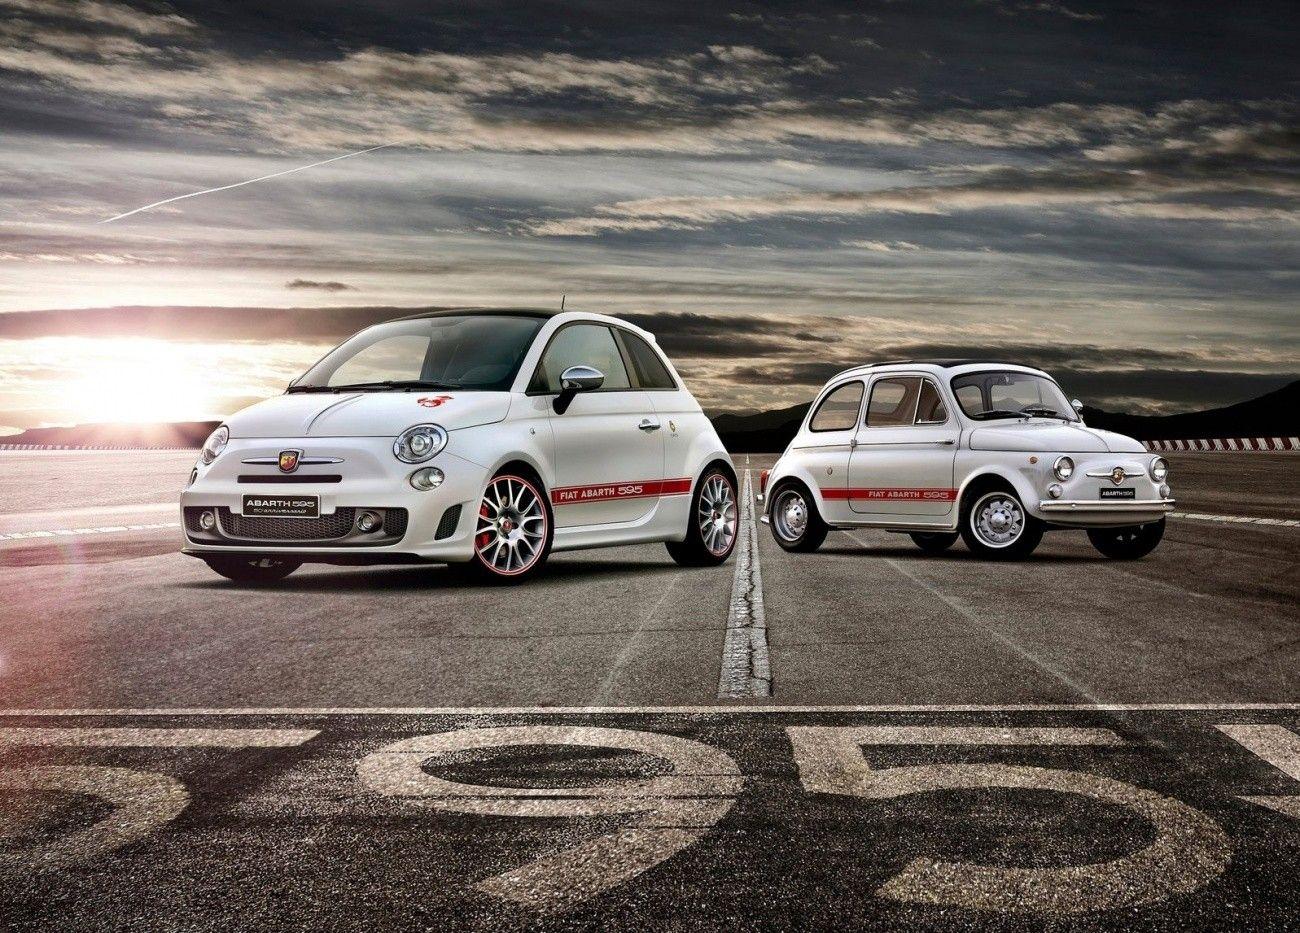 Fiat Abarth 595 50eme Anniversaire In Memoria 50eme